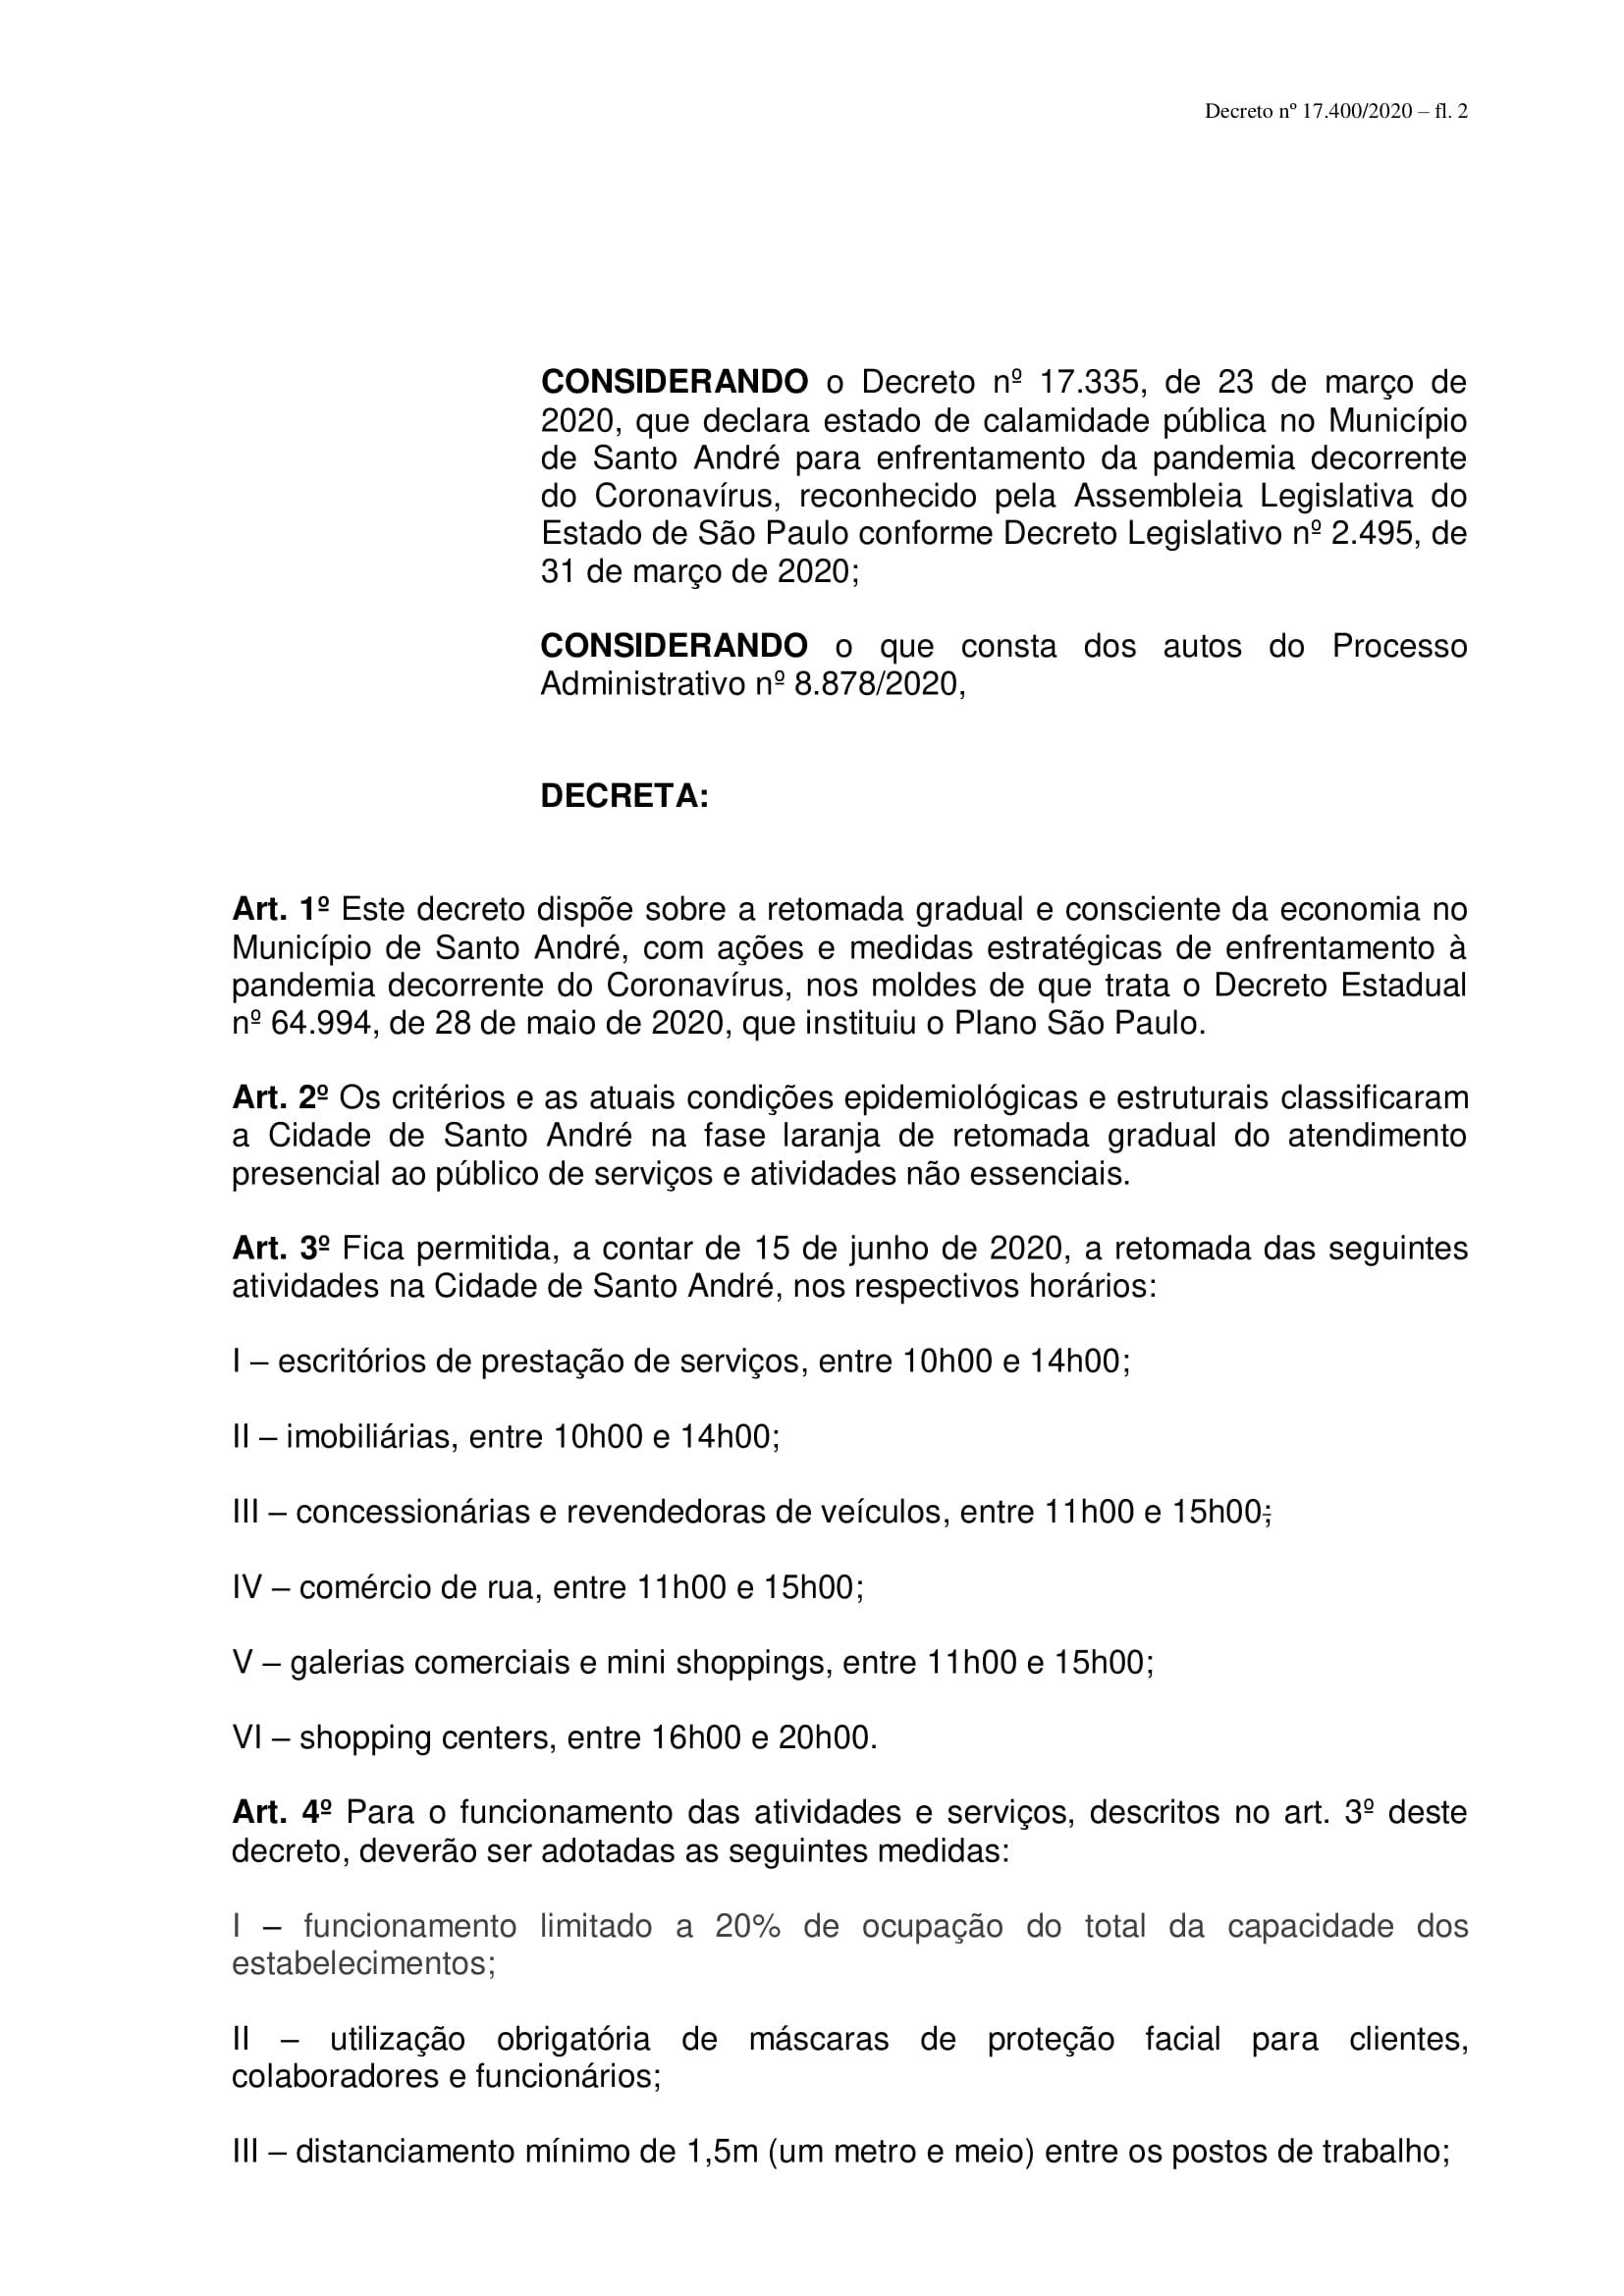 Decreto nº 17.400 (Retomada gradual e consciente da economia)-2